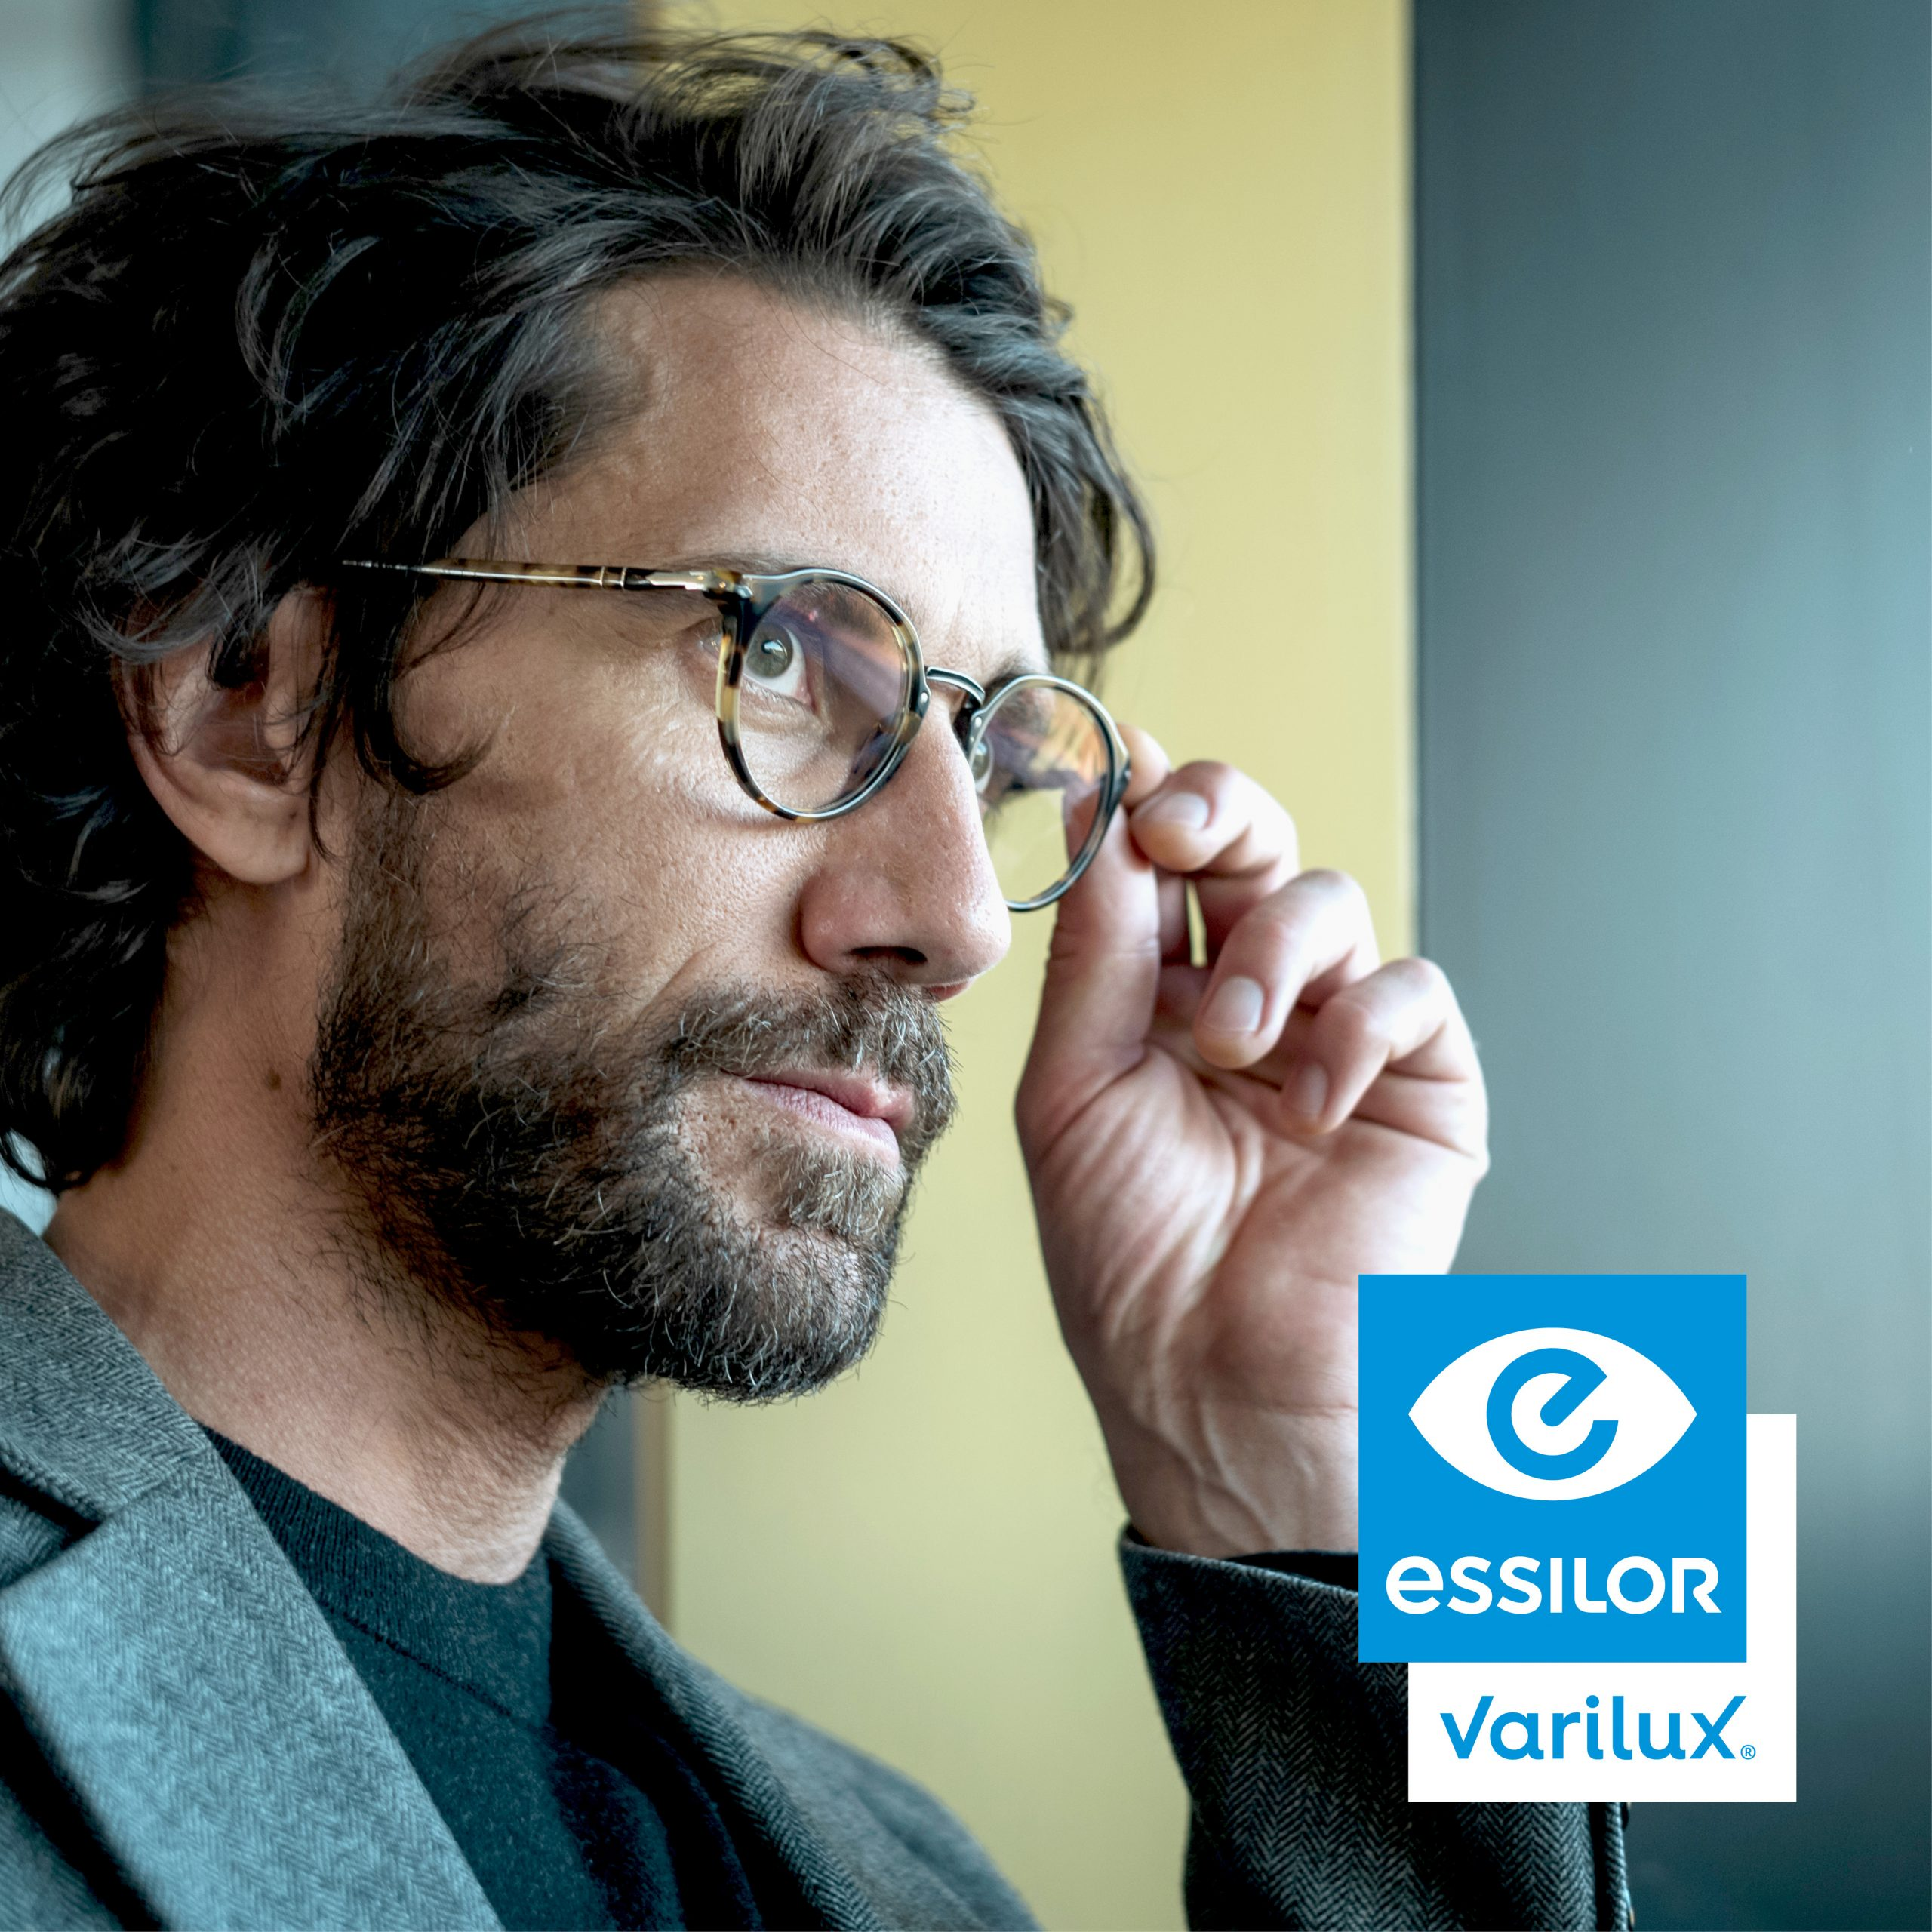 Varilux – Detailreiches Sehen. Ohne Grenzen.